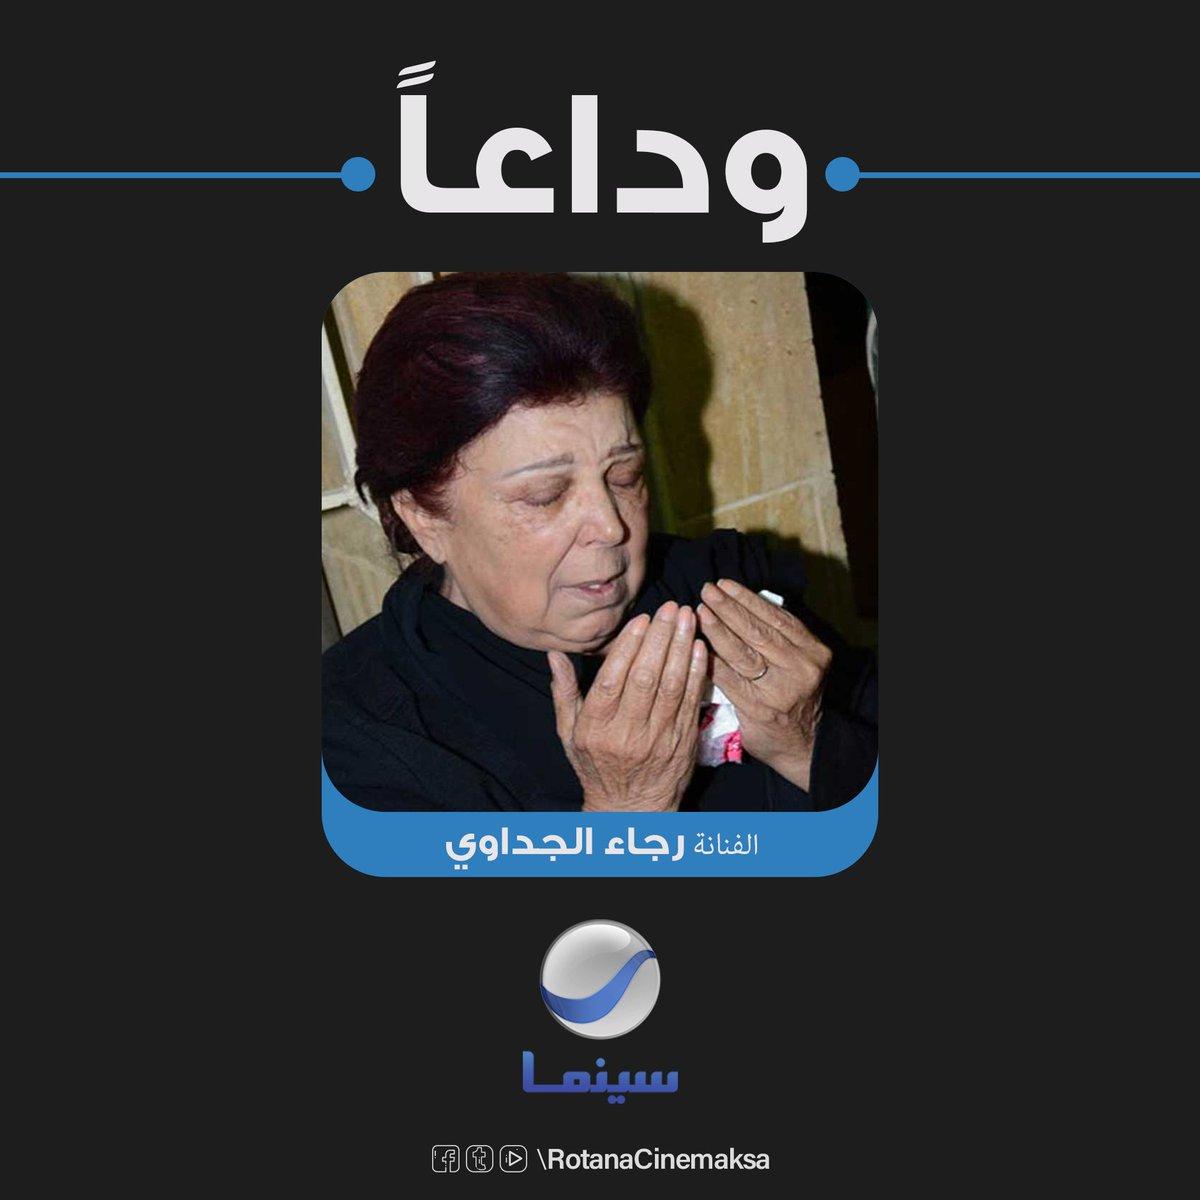 وفاة الفنانة الكبيرة #رجاء_الجداوي متأثرة بإصابتها بـ فيروس #كورونا  نسأل الله أن يرحم روحها ويصبر أهلها وجمهورها   #روتانا_سينما #ksa https://t.co/ClBVUvMuiZ